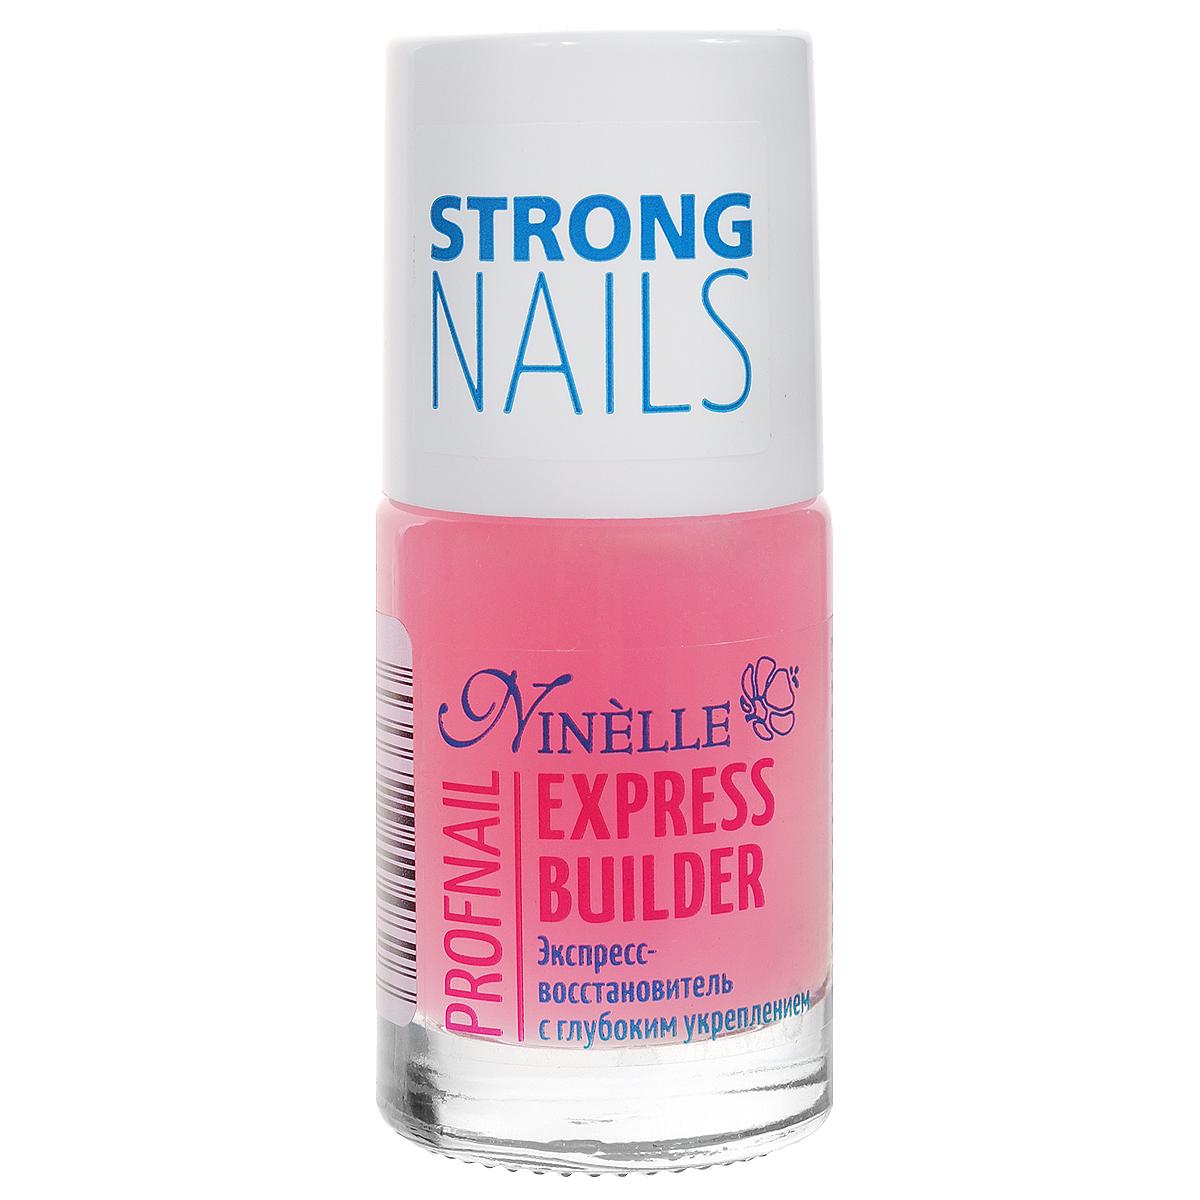 Ninelle Экспресс-восстановитель для ногтей Express Builder, с глубоким укреплением, 11 мл773N10482Средство сочетает эффективную механическую защиту с глубоким восстанавливающим действием. Лак моментально создает на поверхности ногтей защитный слой, который придает ногтям большую твердость и предохраняет их от расслаивания и ломкости. Товар сертифицирован.